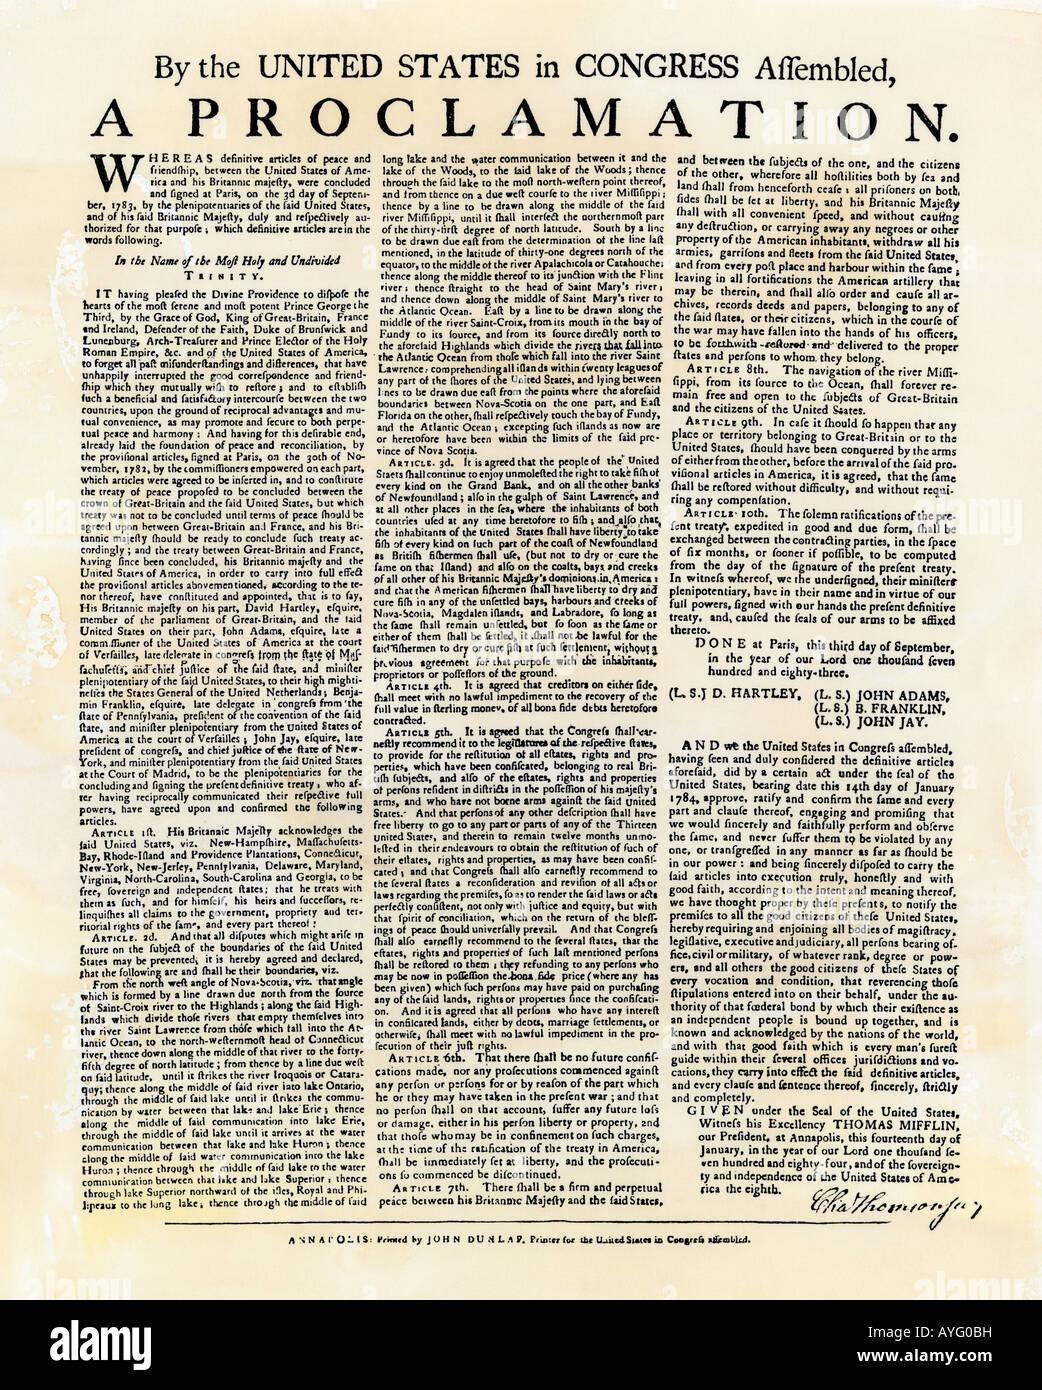 Annuncio del Trattato di Parigi che termina la guerra rivoluzionaria 1783. Xilografia con un lavaggio ad acquerello Immagini Stock